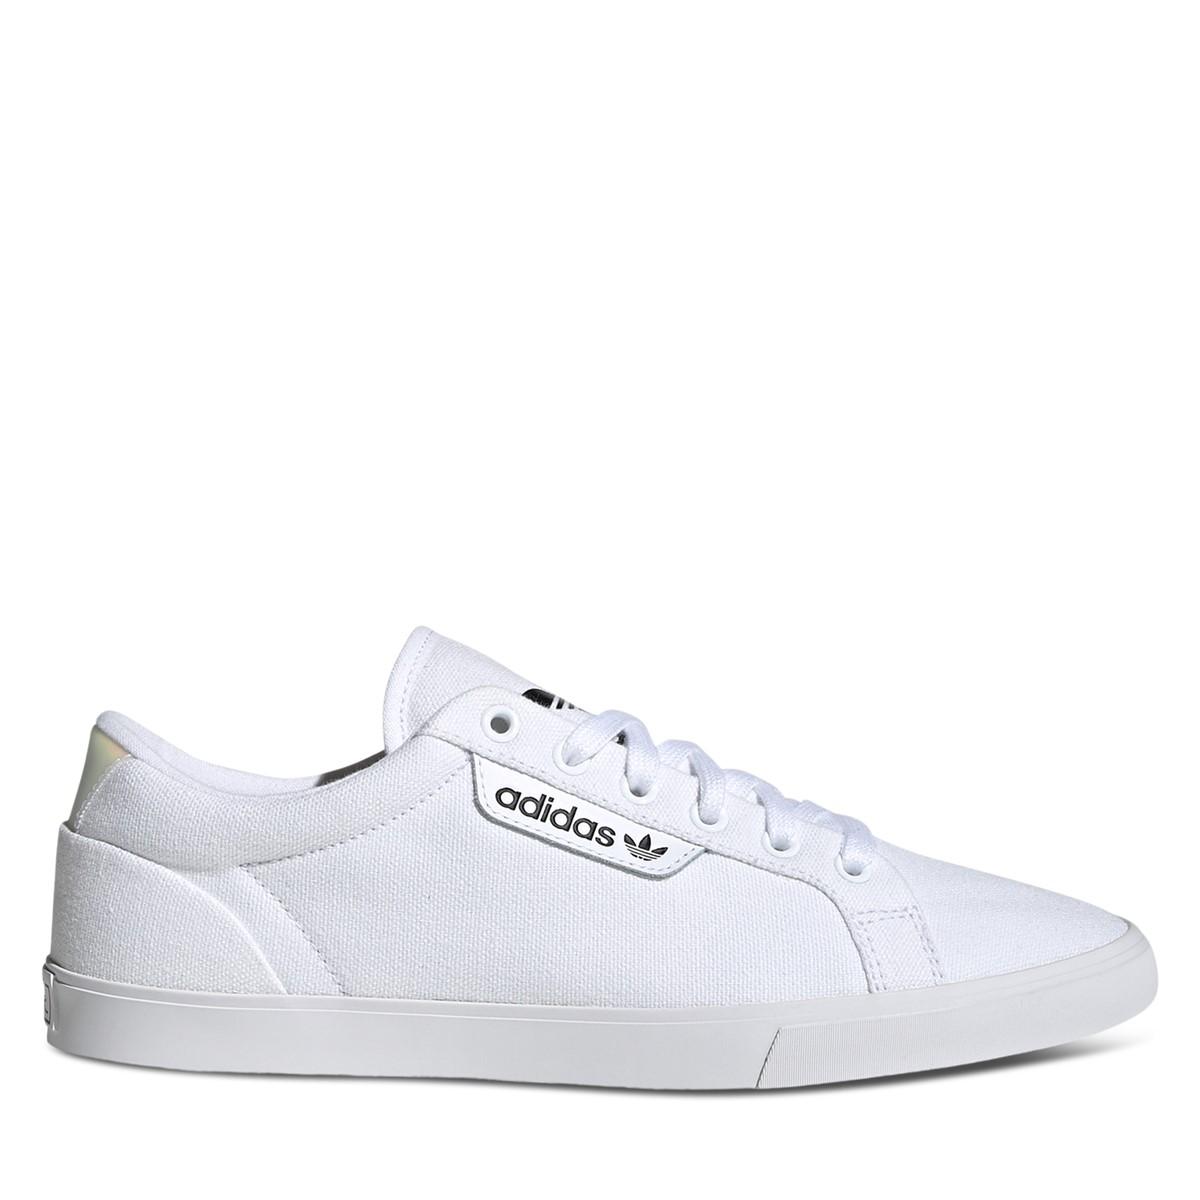 Women's Sleek Low Sneakers in White